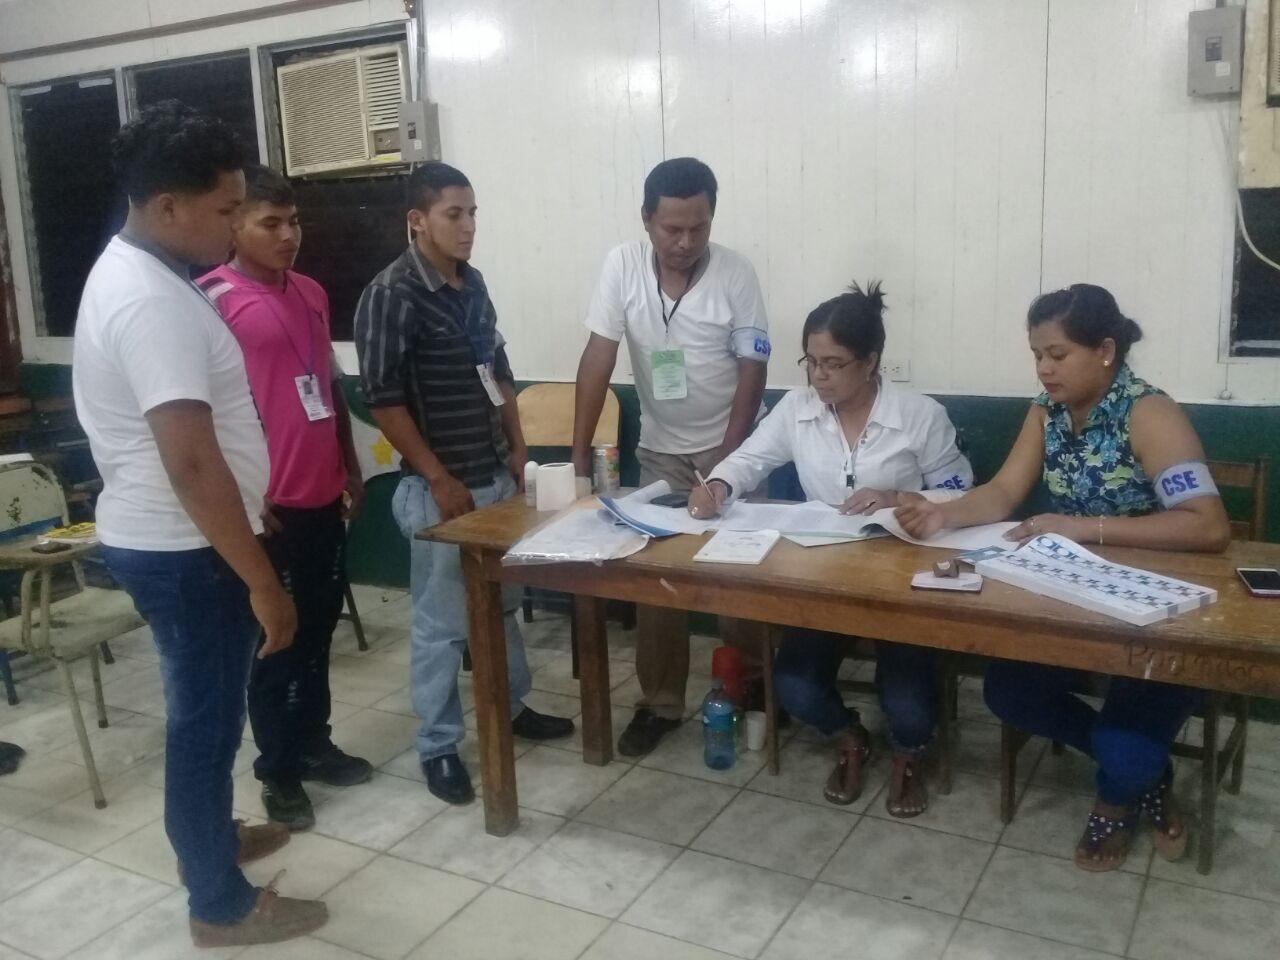 El escrutinio ha iniciado en los diferentes Juntas Receptoras de Votos